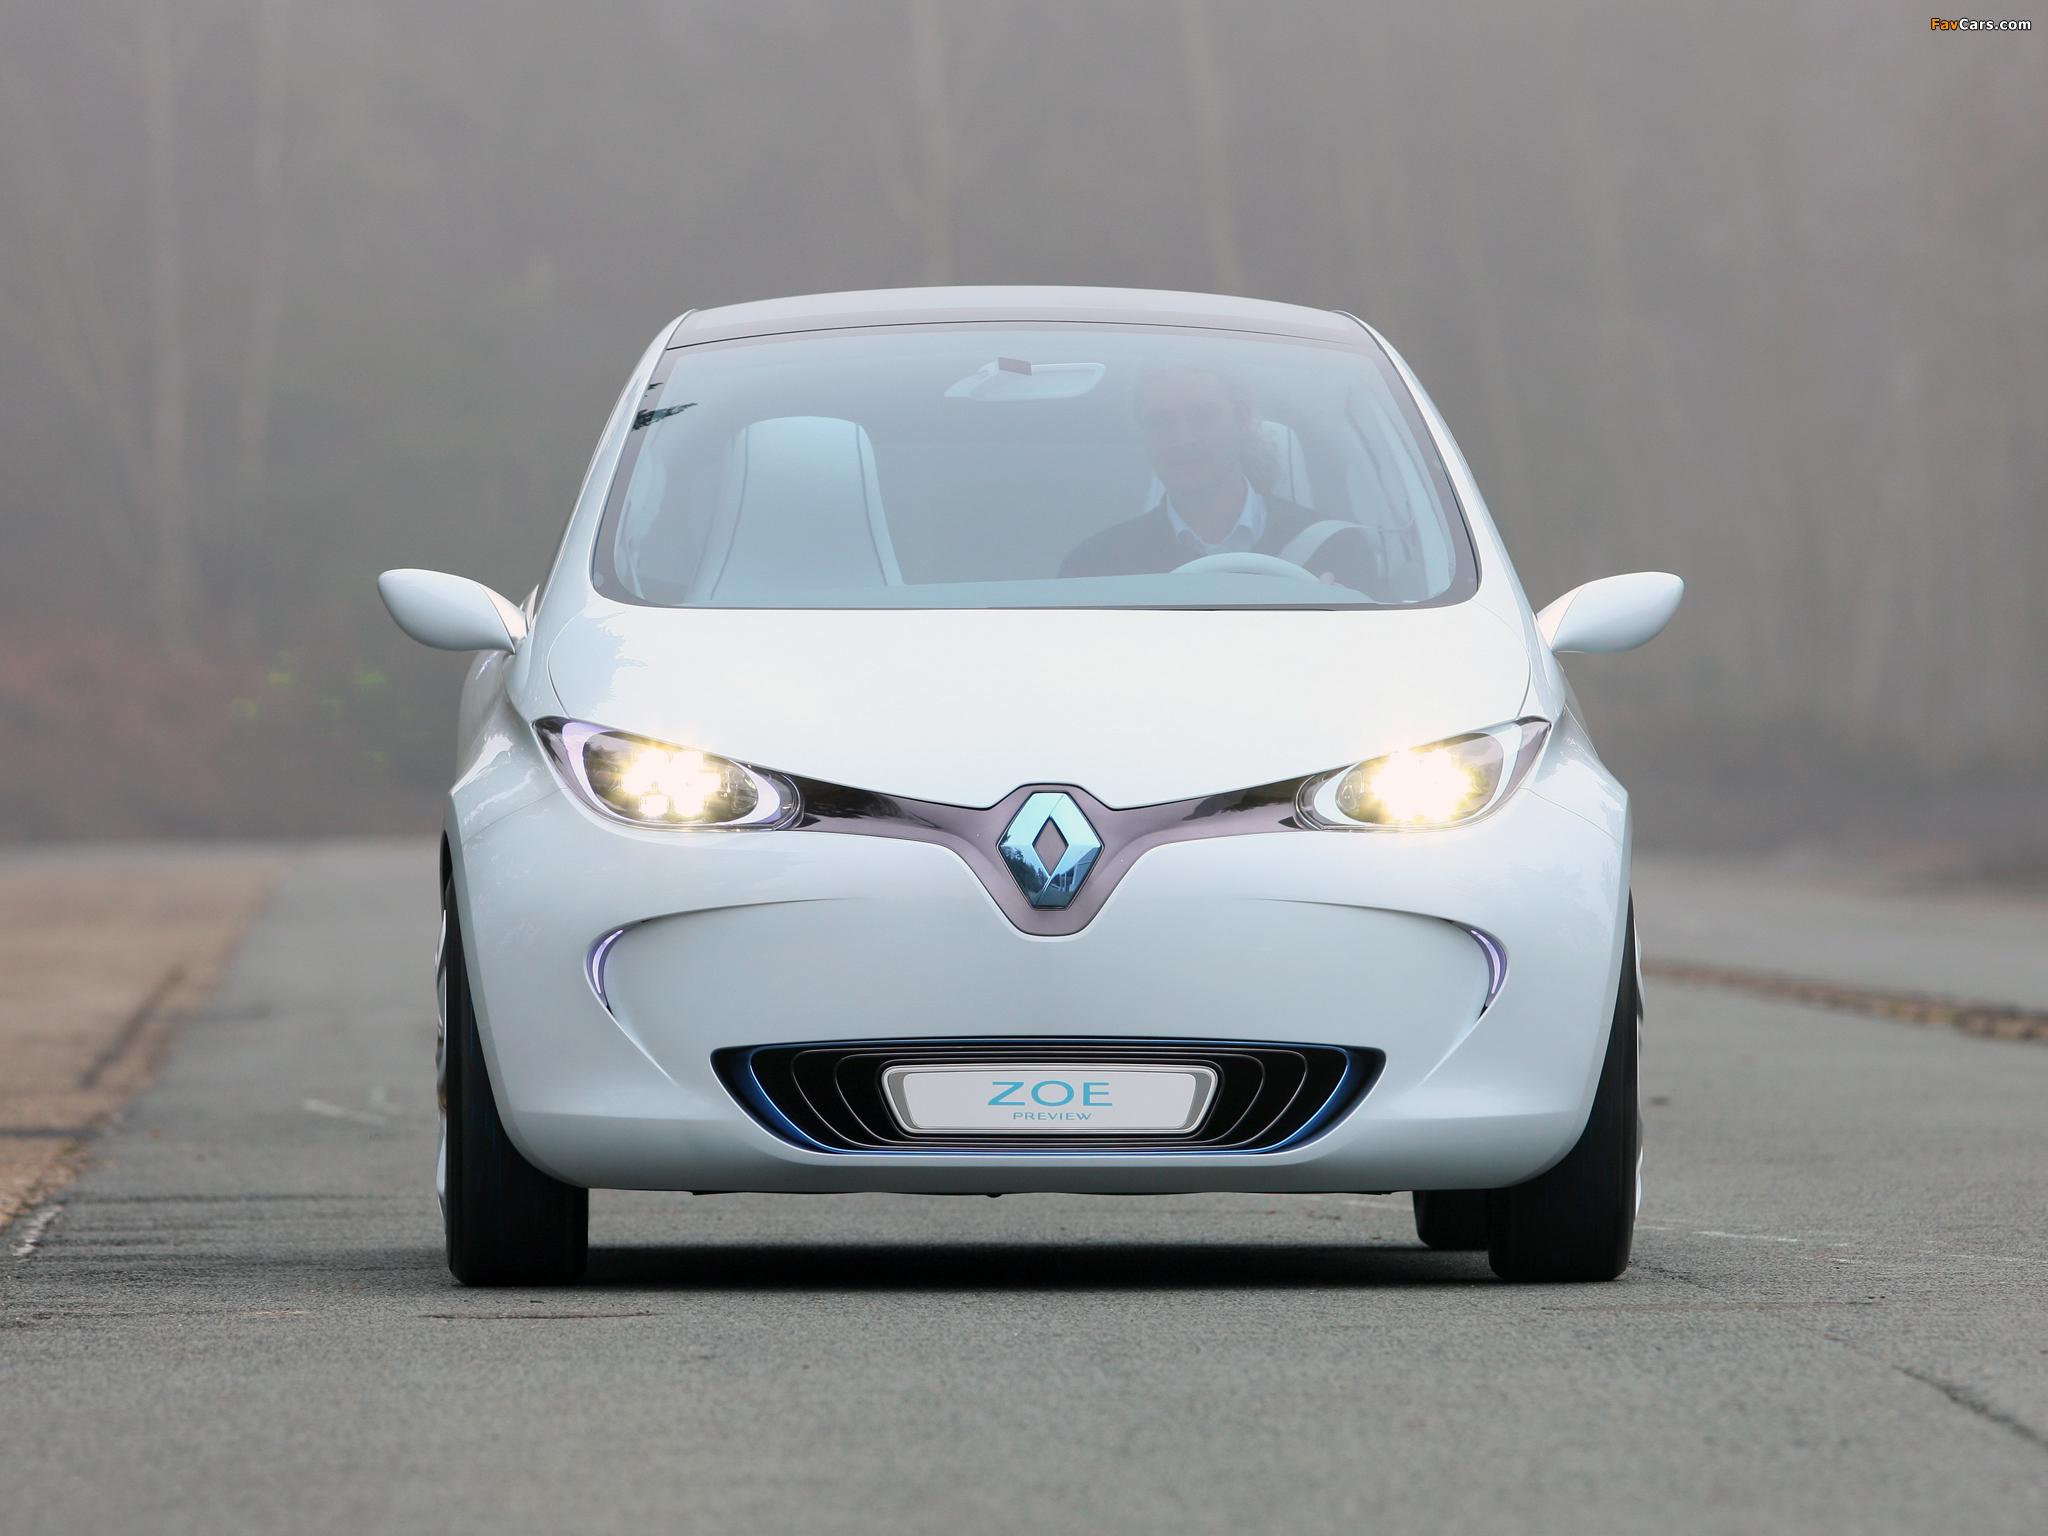 Renault Zoe Preview Concept 2010 photos (2048 x 1536)